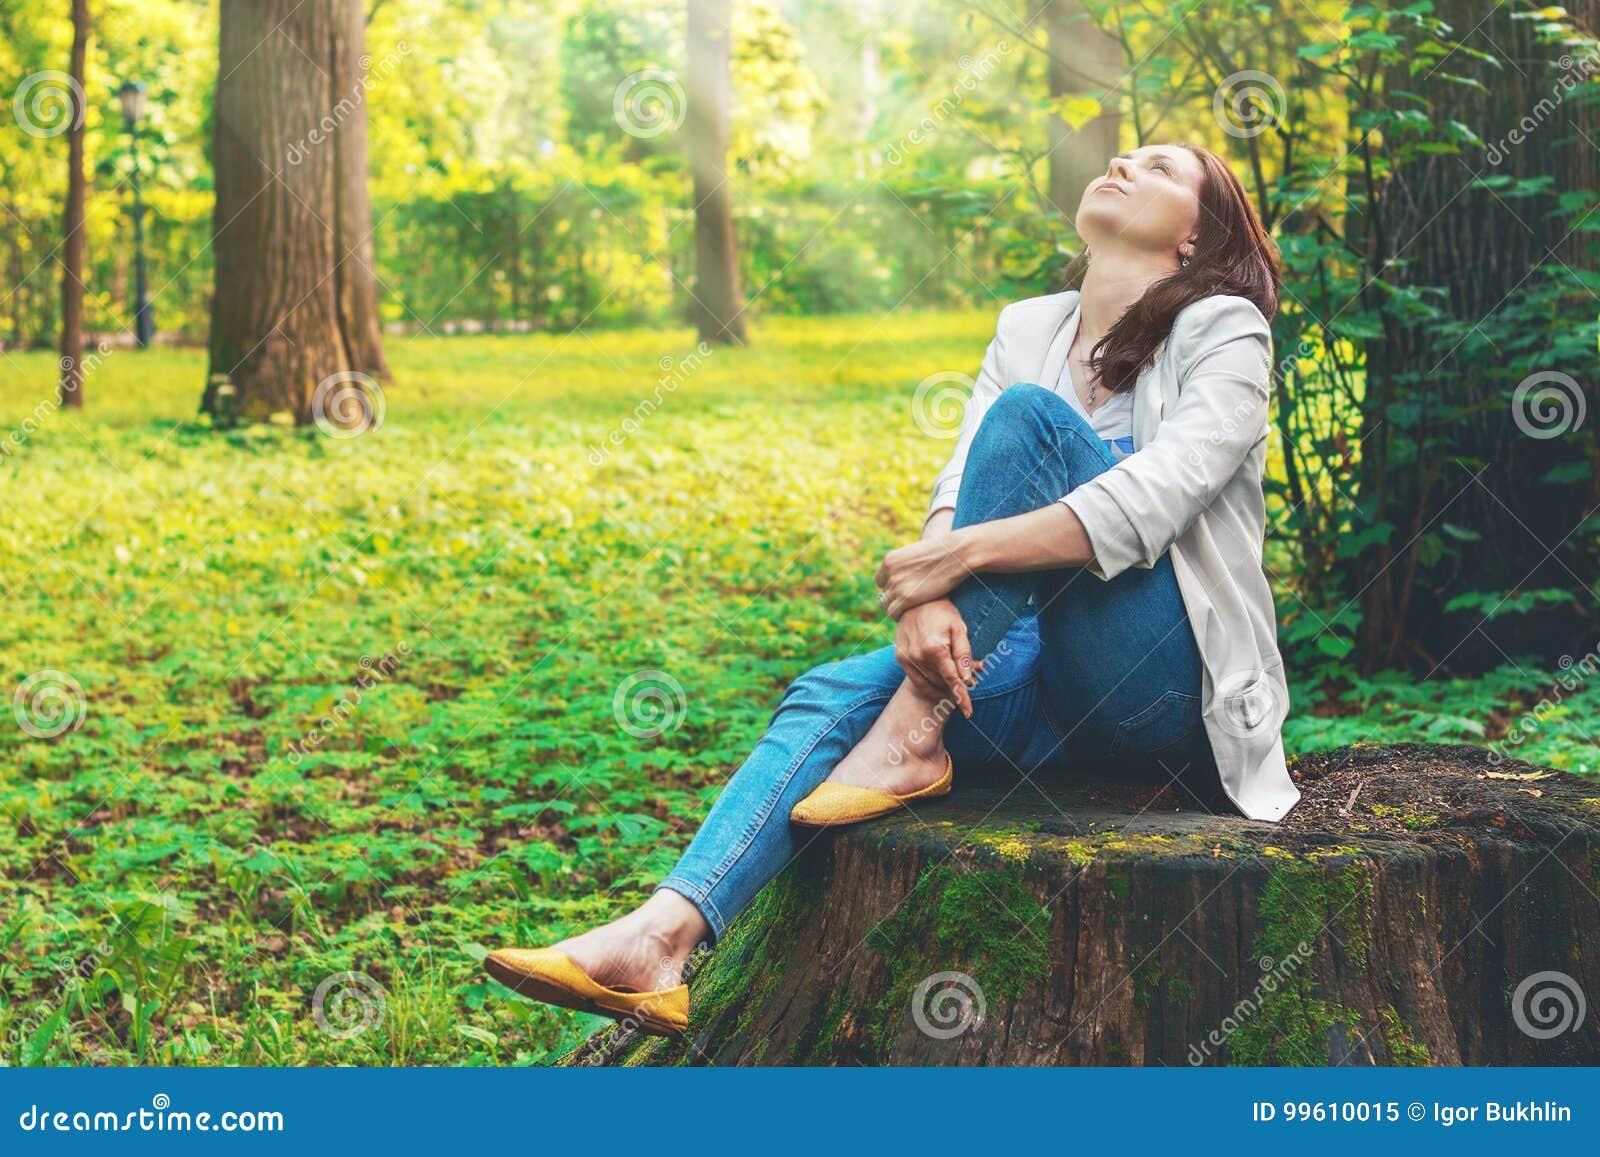 Den gulliga kvinnan är att tycka om av den pittoreska naturen Vila den härliga flickan sitter på en stor gammal stubbe i skogen,